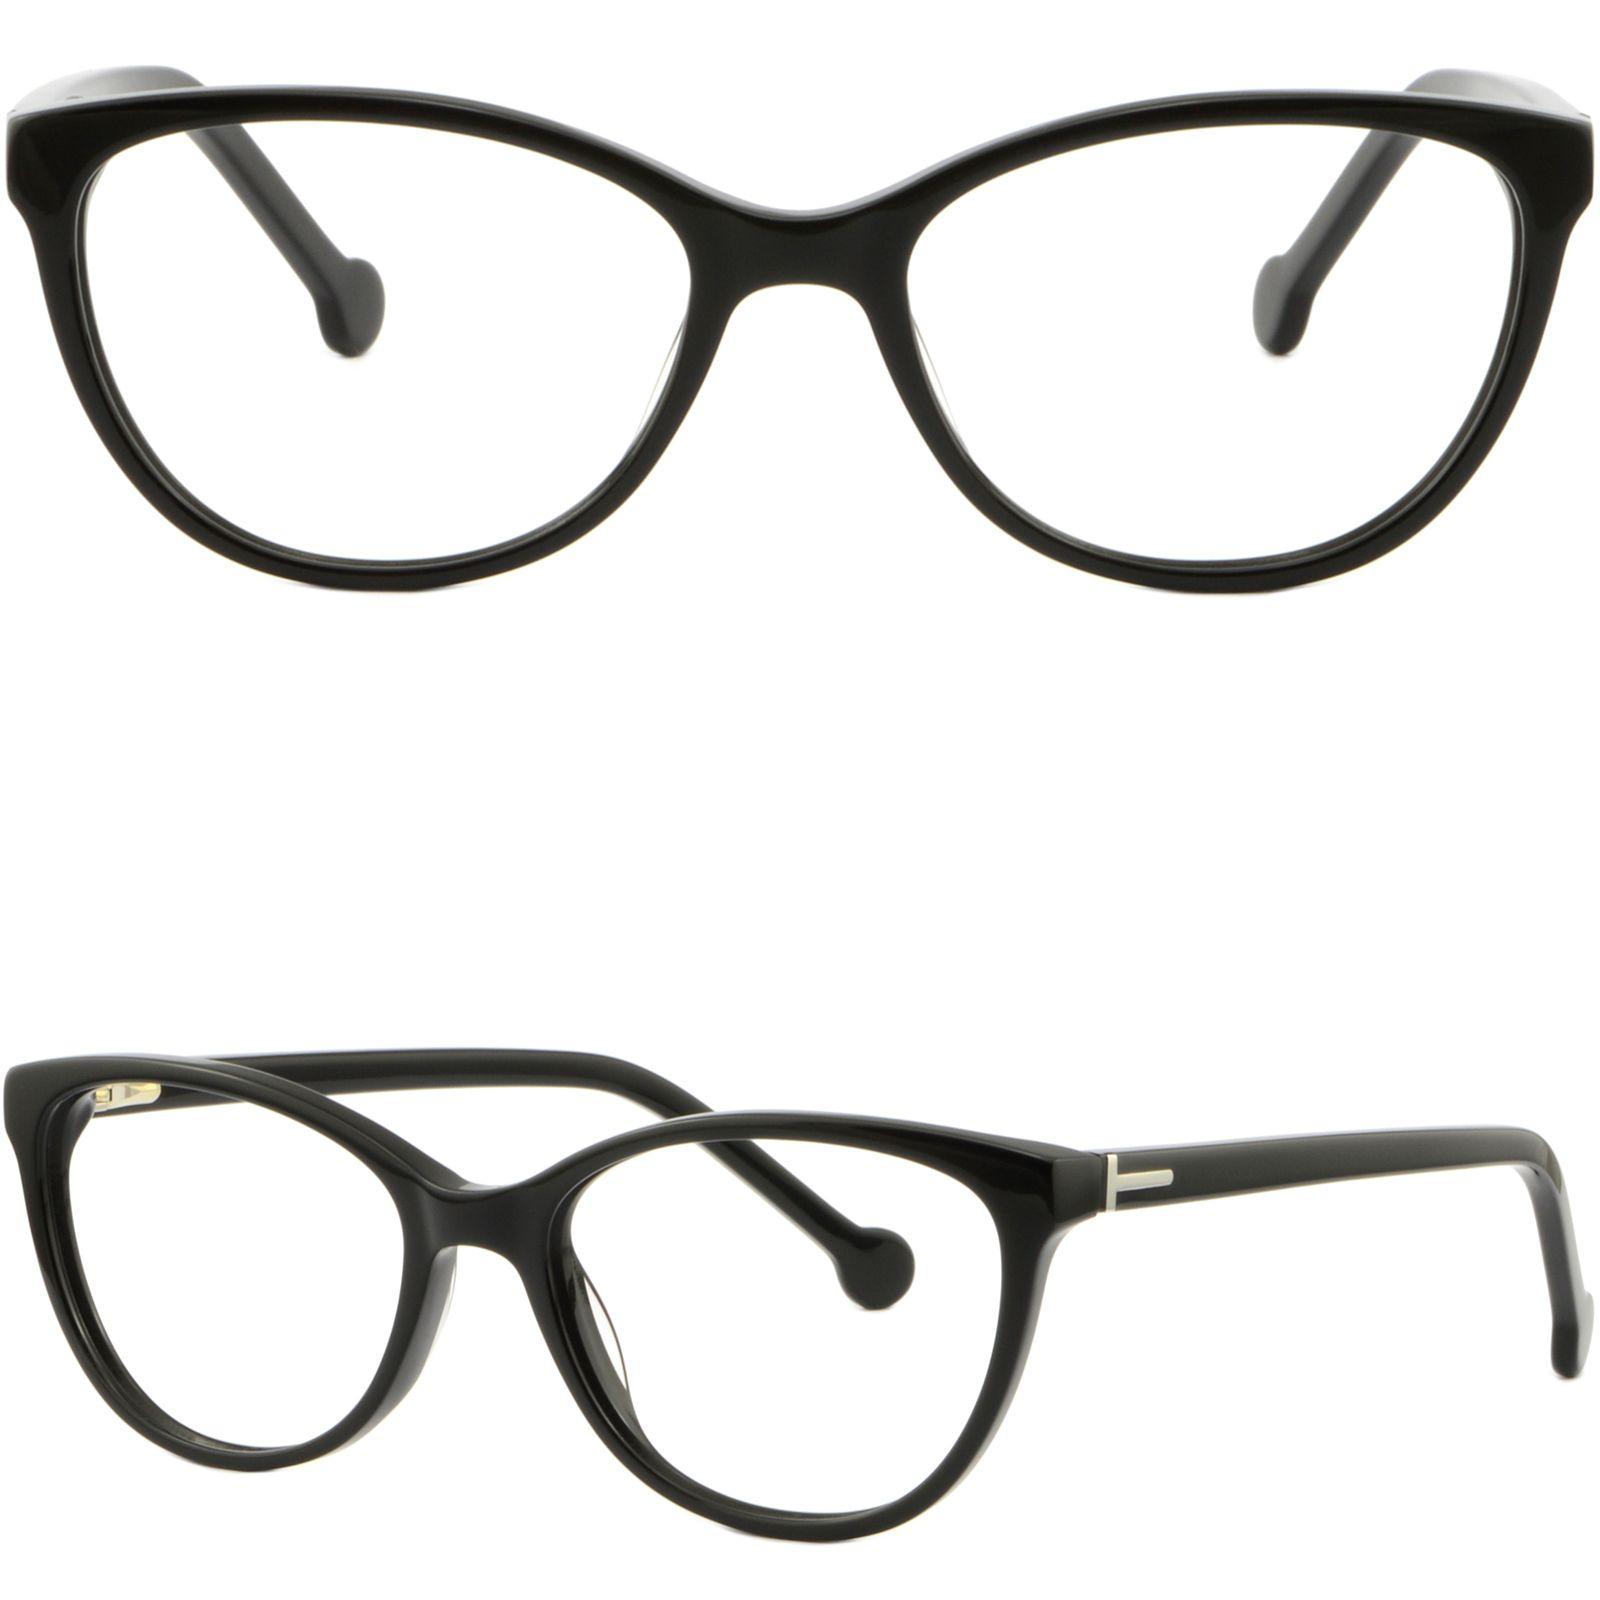 8c02ad7e515 Full Rim Women s Acetate Frames Light Plastic Glasses Shiny Black Spring  Hinges Glasses Frame Online with  41.09 Piece on Aceglasses s Store